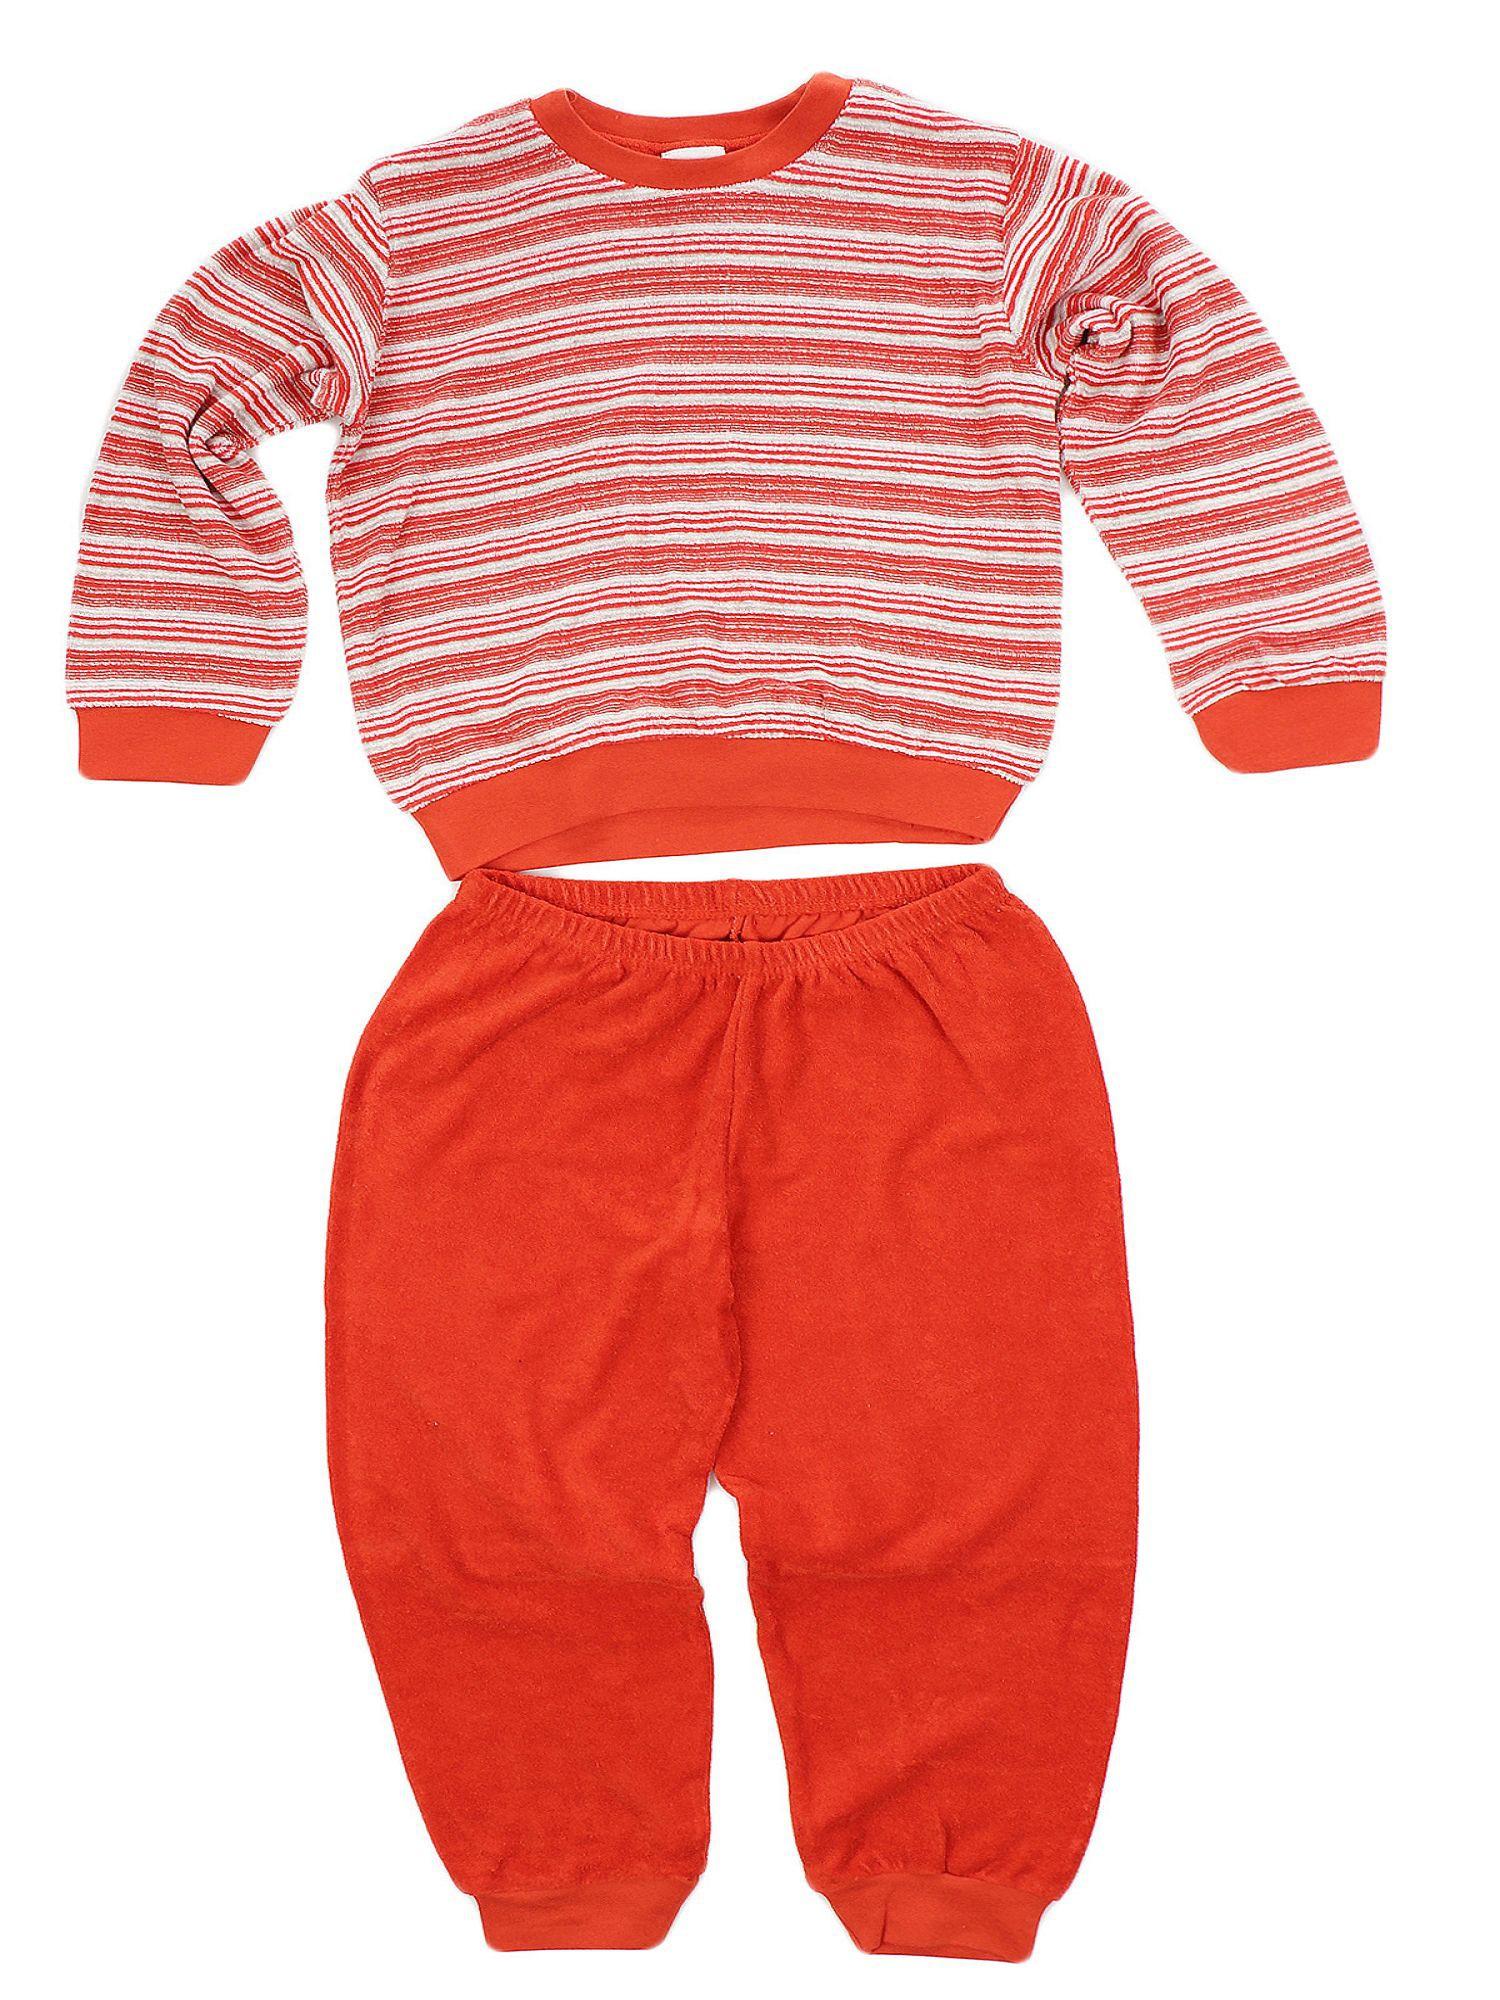 Kuscheliger Mädchen Frottee Schlafanzug Pyjama langarm mit Bündchen Streifenoptik 53568 – Bild 2